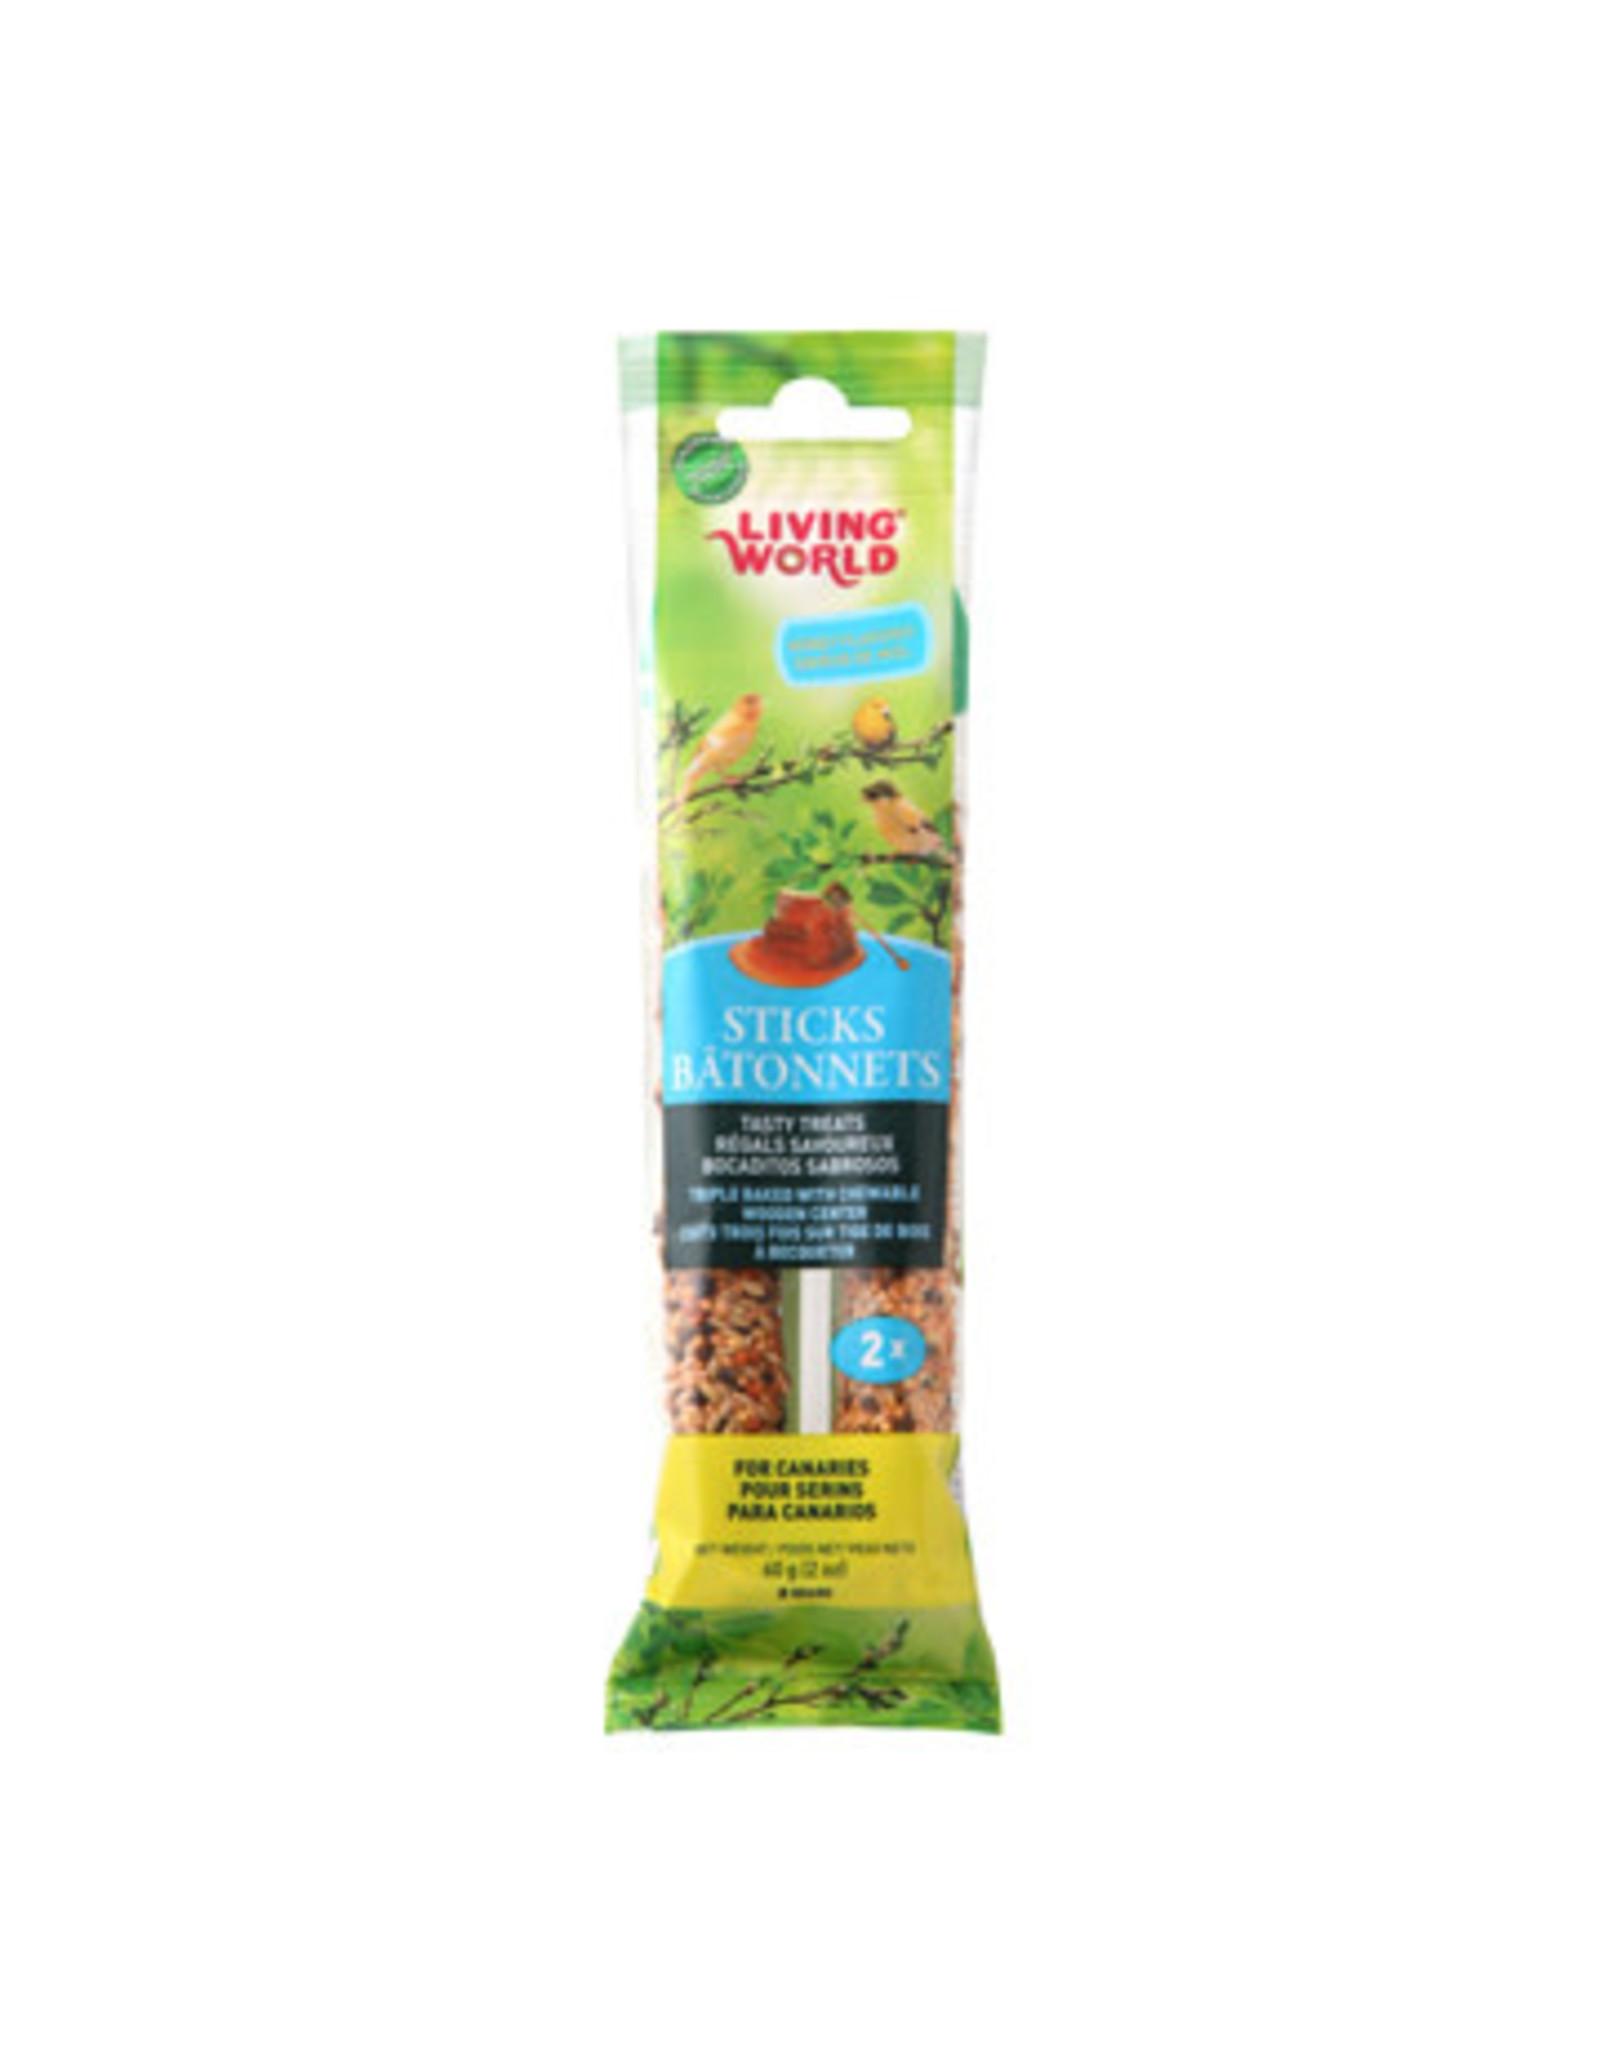 Living World Canary Sticks - Honey Flavour - 60 g (2 oz), 2-pack